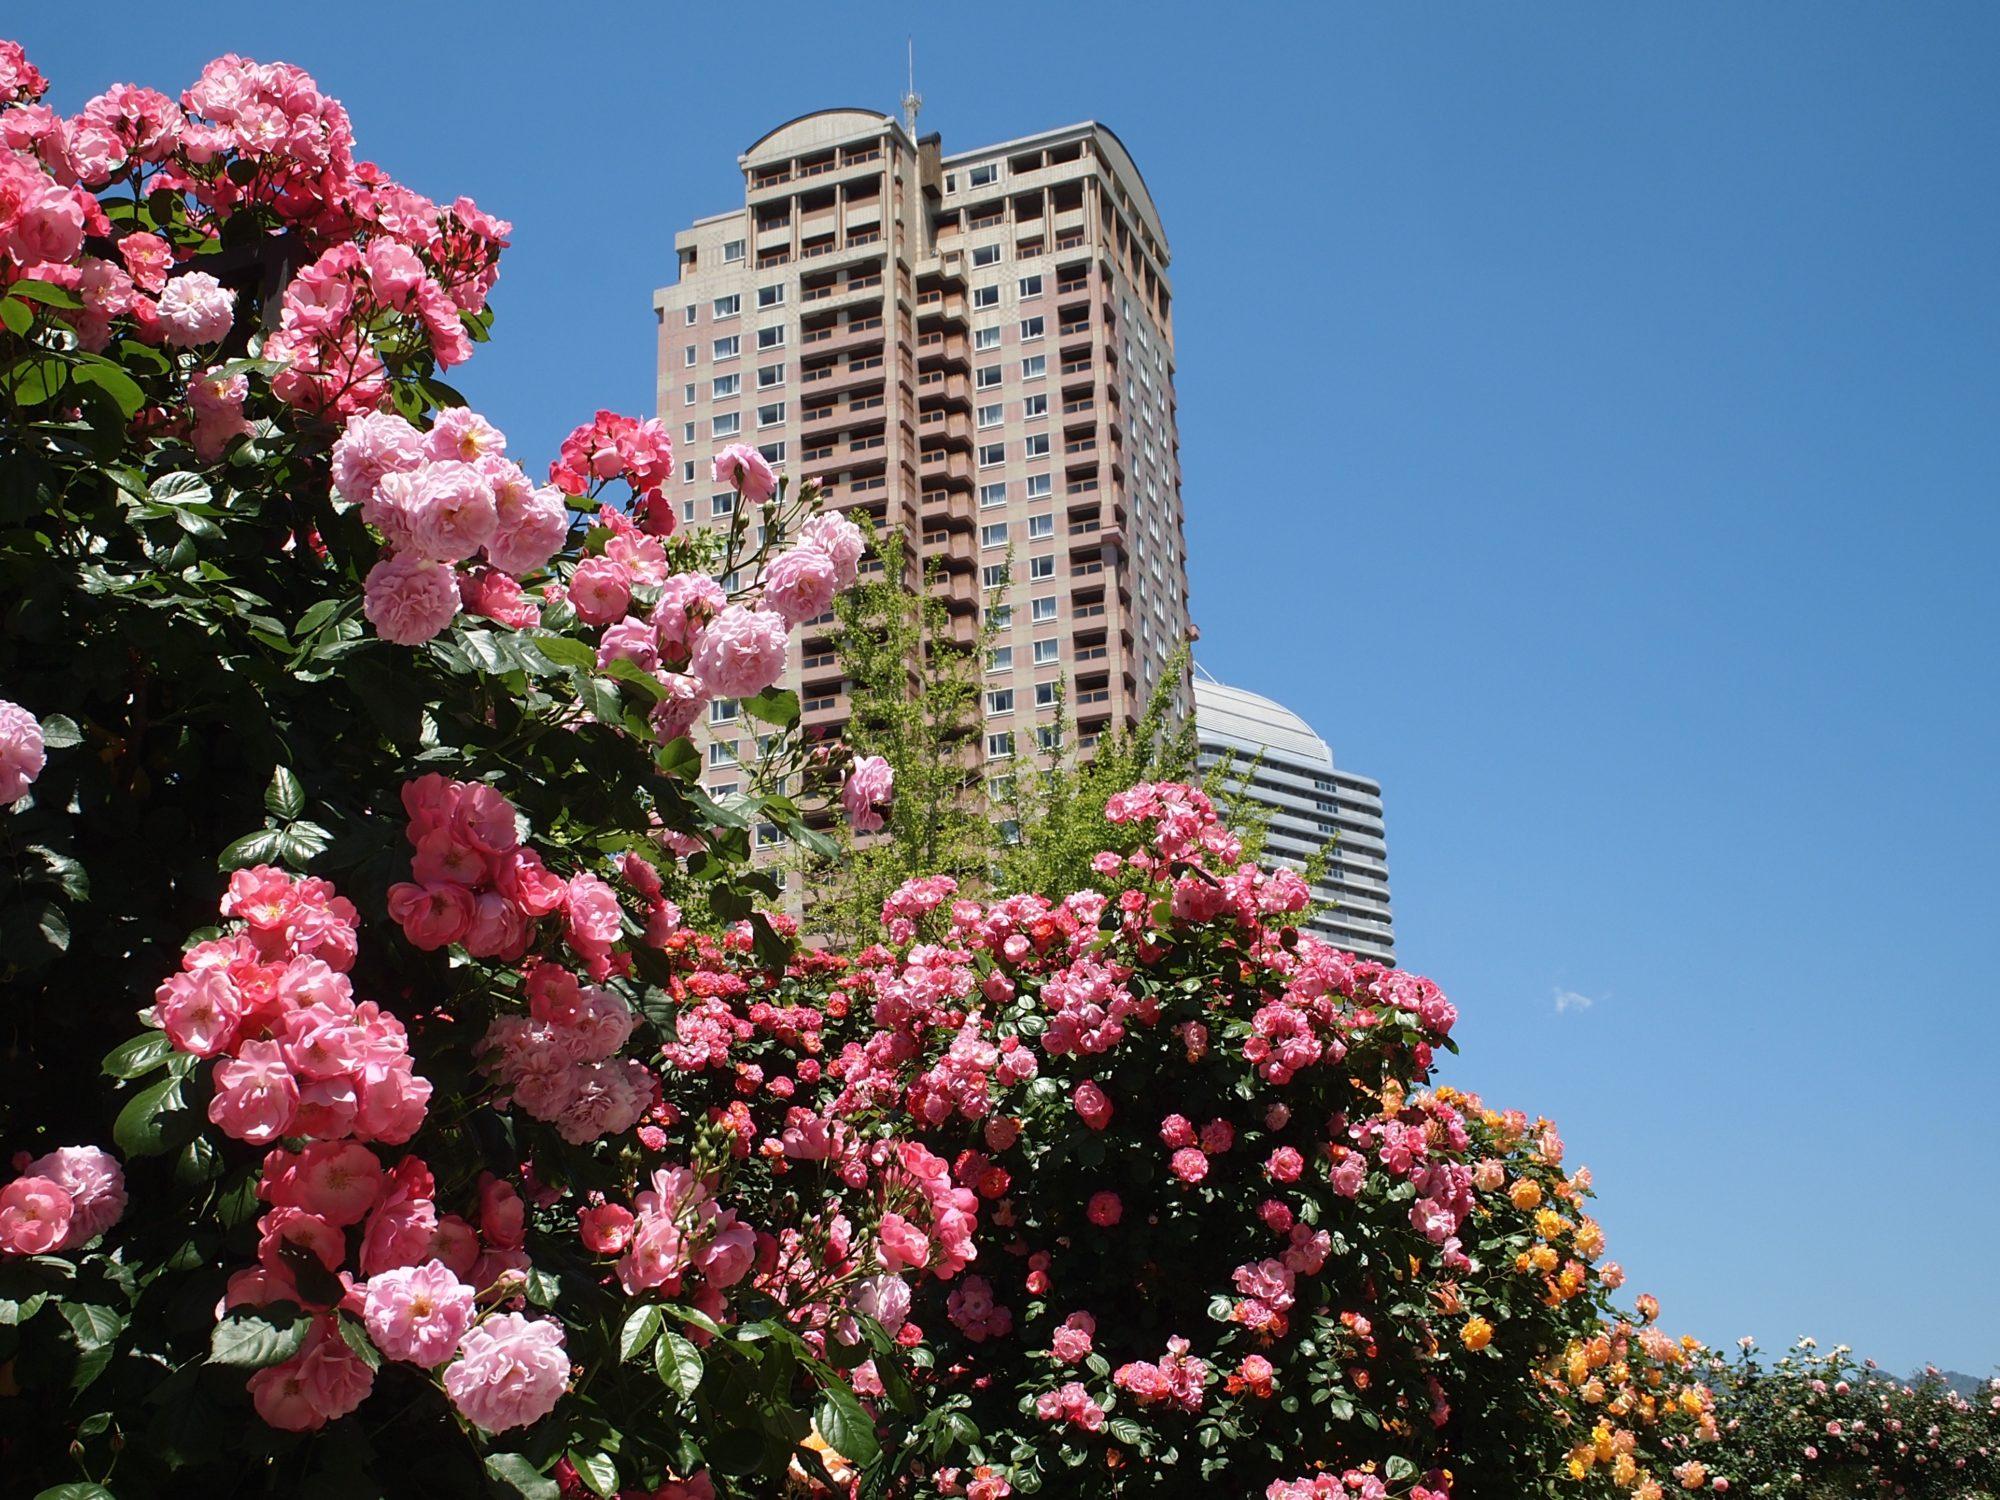 色鮮やかな満開のバラは見応えアリ!「六甲アイランドバラ祭」は都会の中の癒し